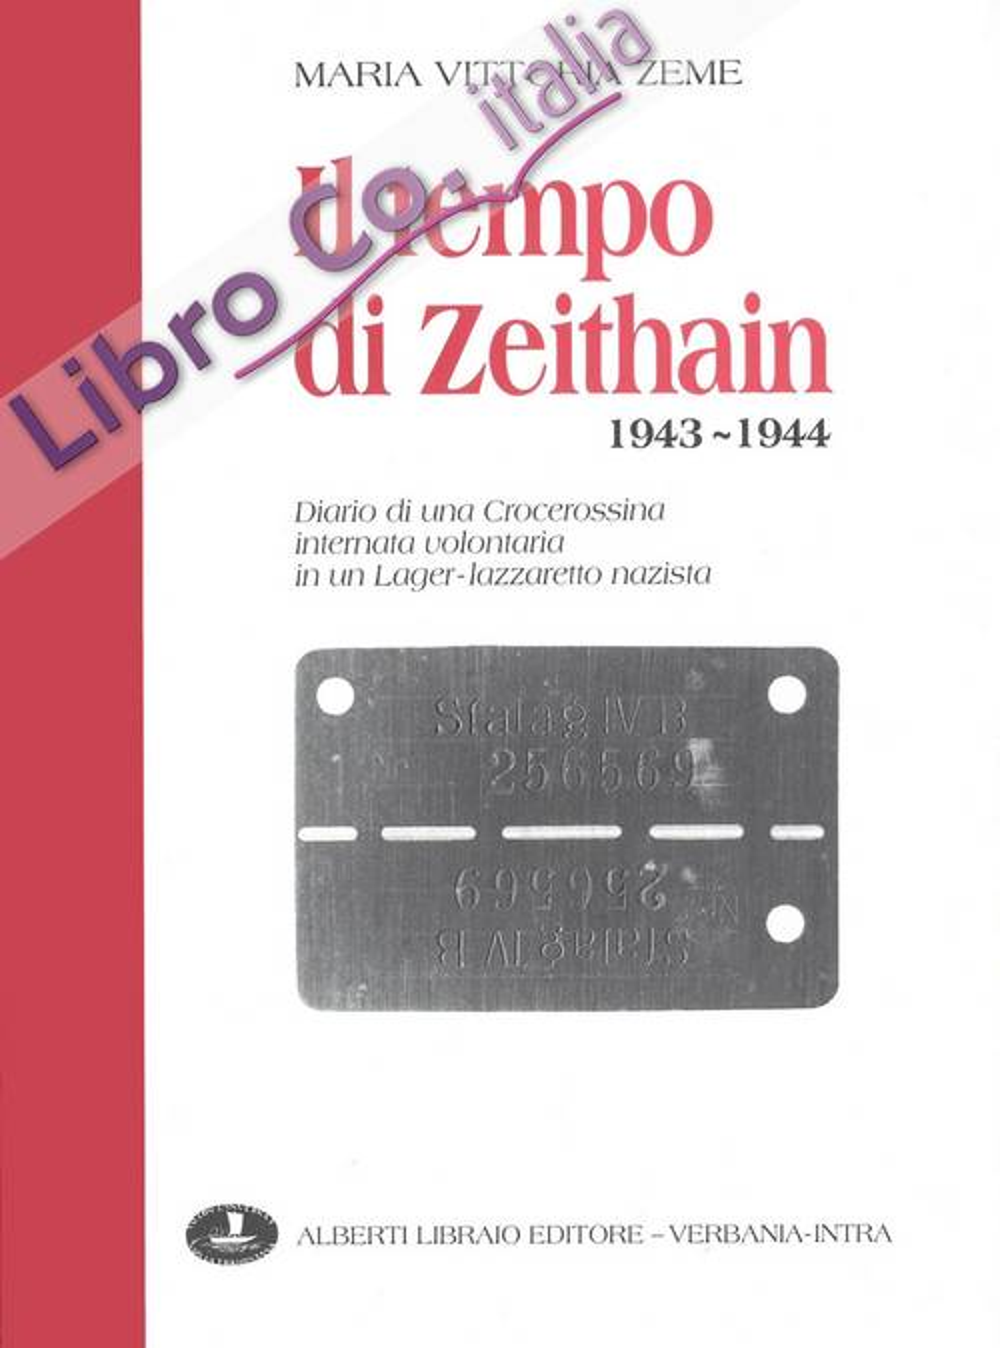 Il tempo di Zeithain (1943-1944). Diario di una crocerossina internata volontaria in un lager-lazzaretto nazista